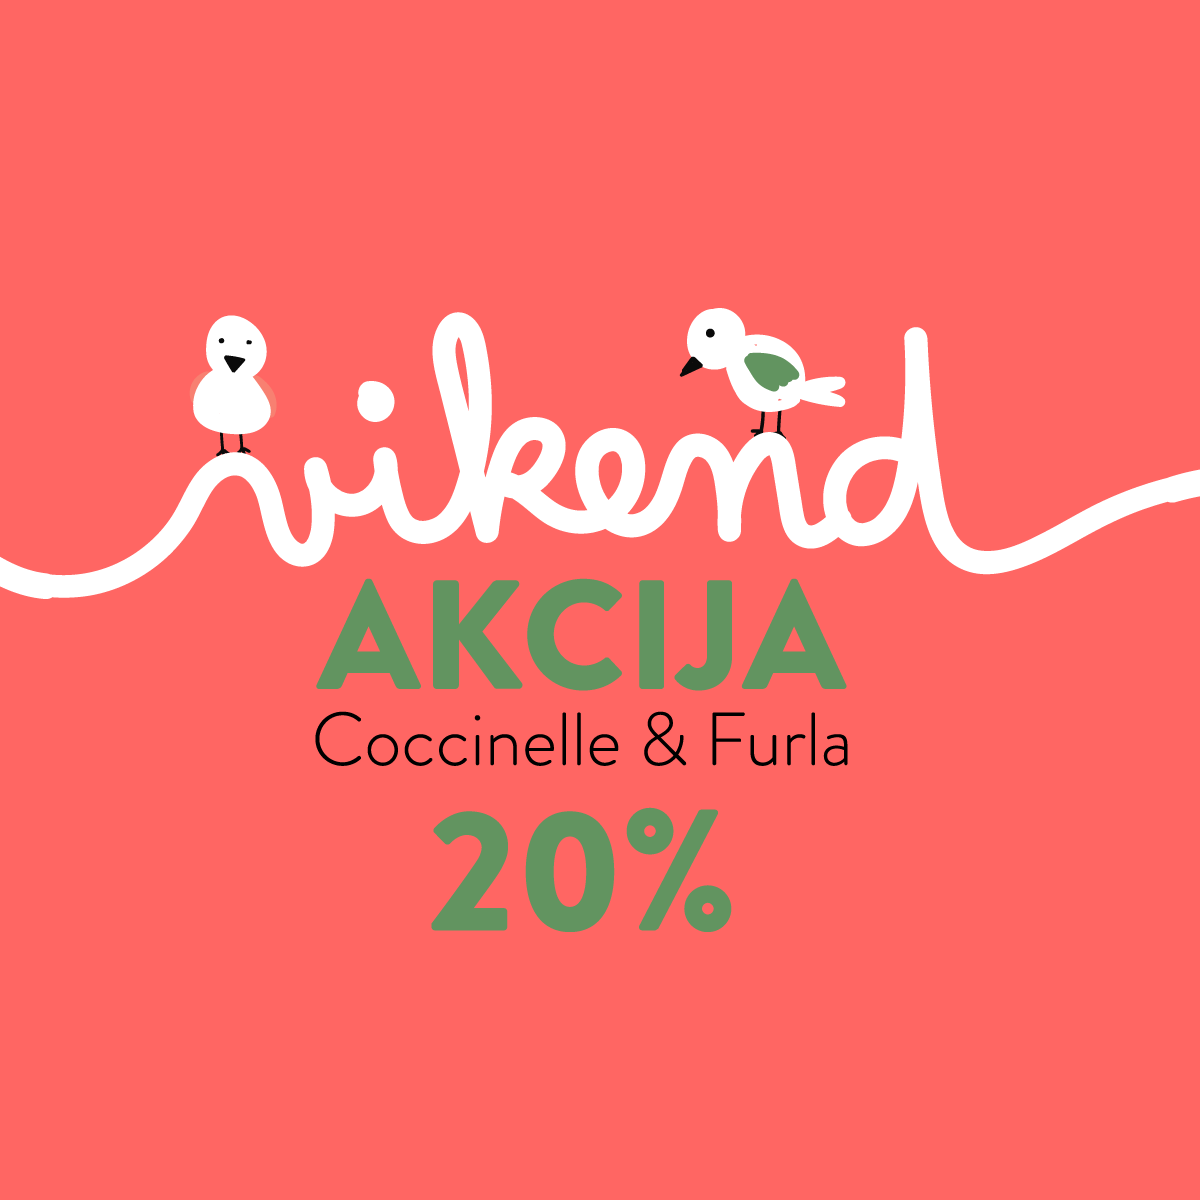 Vikend akcija -20% popusta na Coccinelle i Furla kolekcije u trgovini Karla